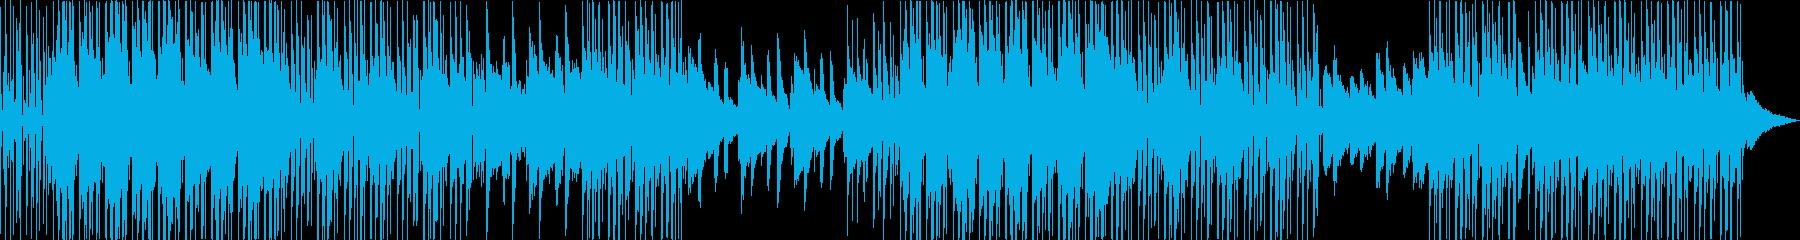 モダン 交響曲 室内楽 エキゾチッ...の再生済みの波形